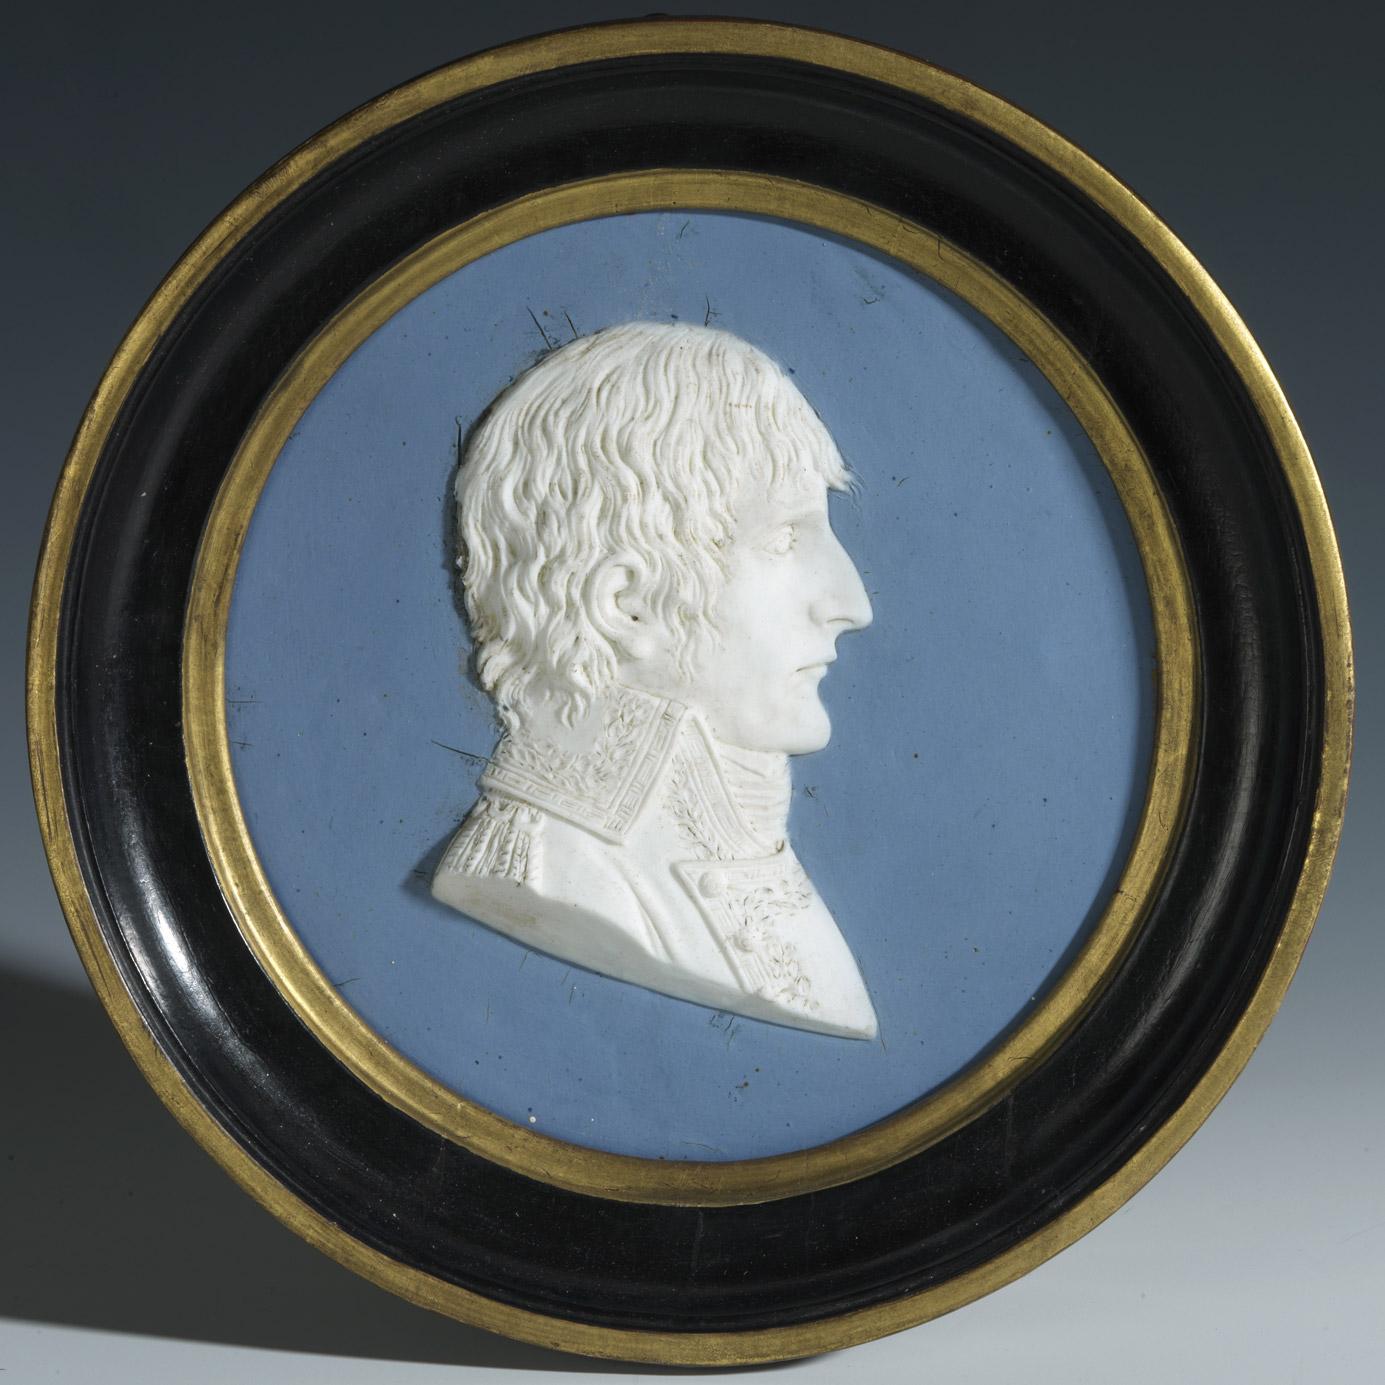 Profil du général Bonaparte - Patrimoine Charles-André COLONNA WALEWSKI, en ligne directe de Napoléon